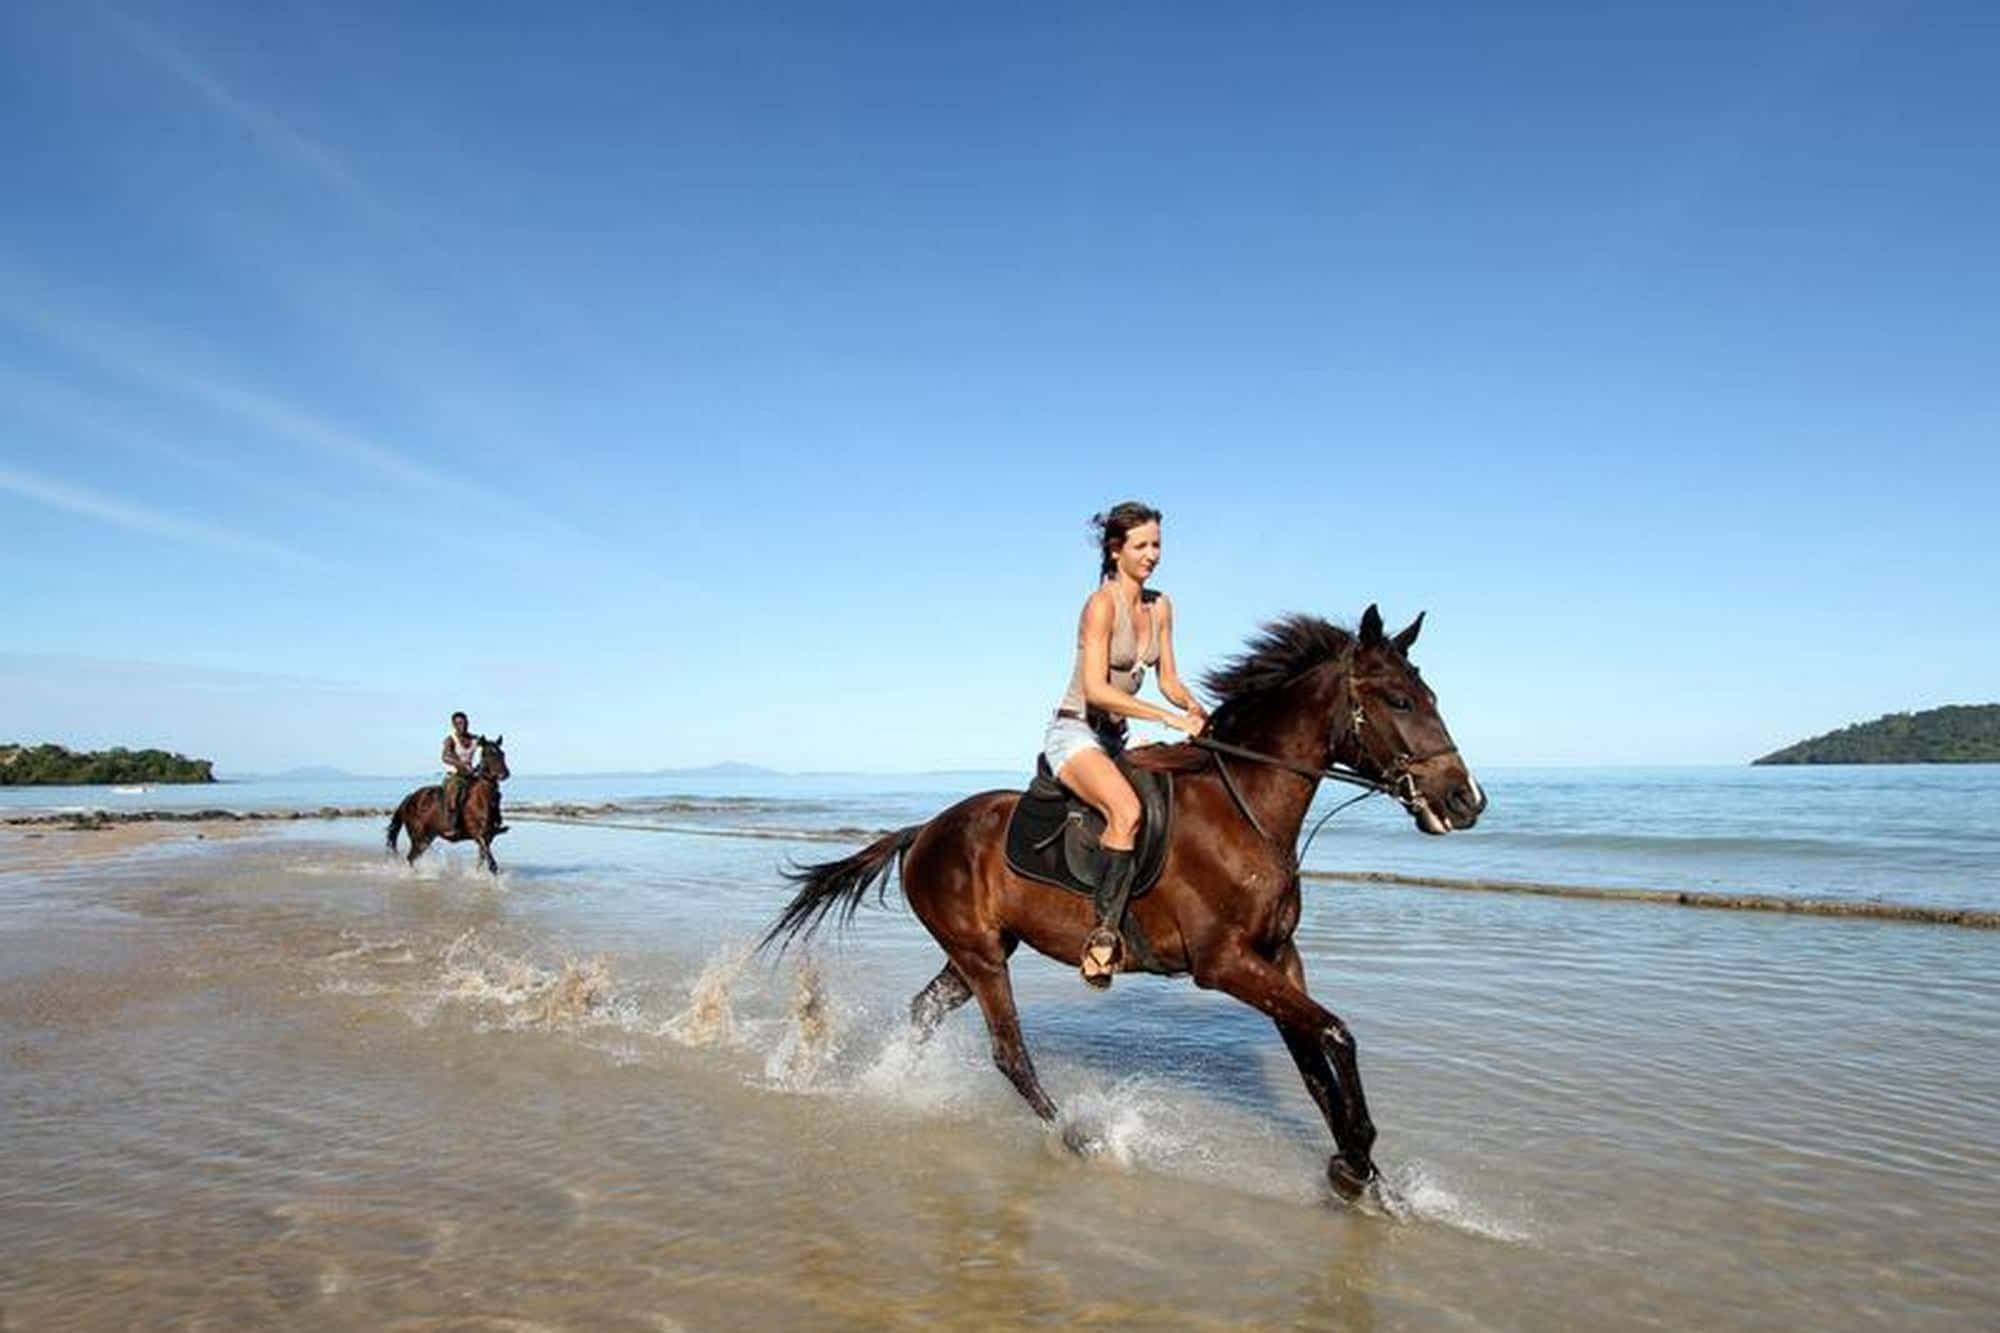 Une excursion à cheval ? C'est possible !